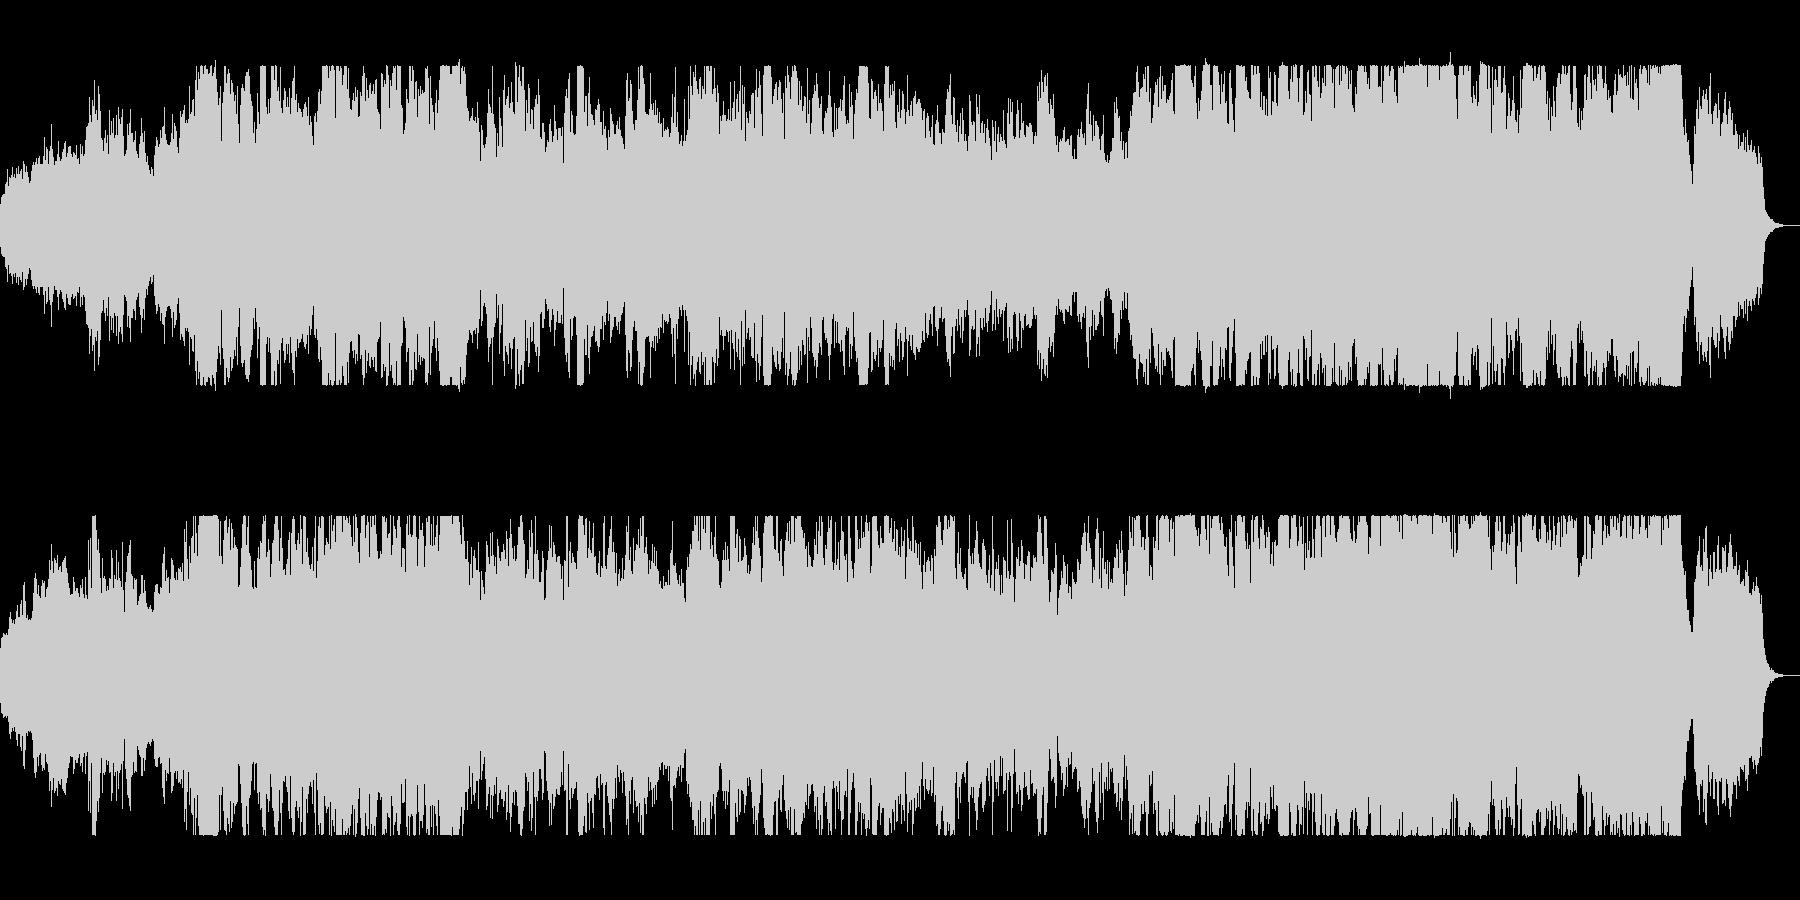 わくわくドキドキのオーケストラの未再生の波形